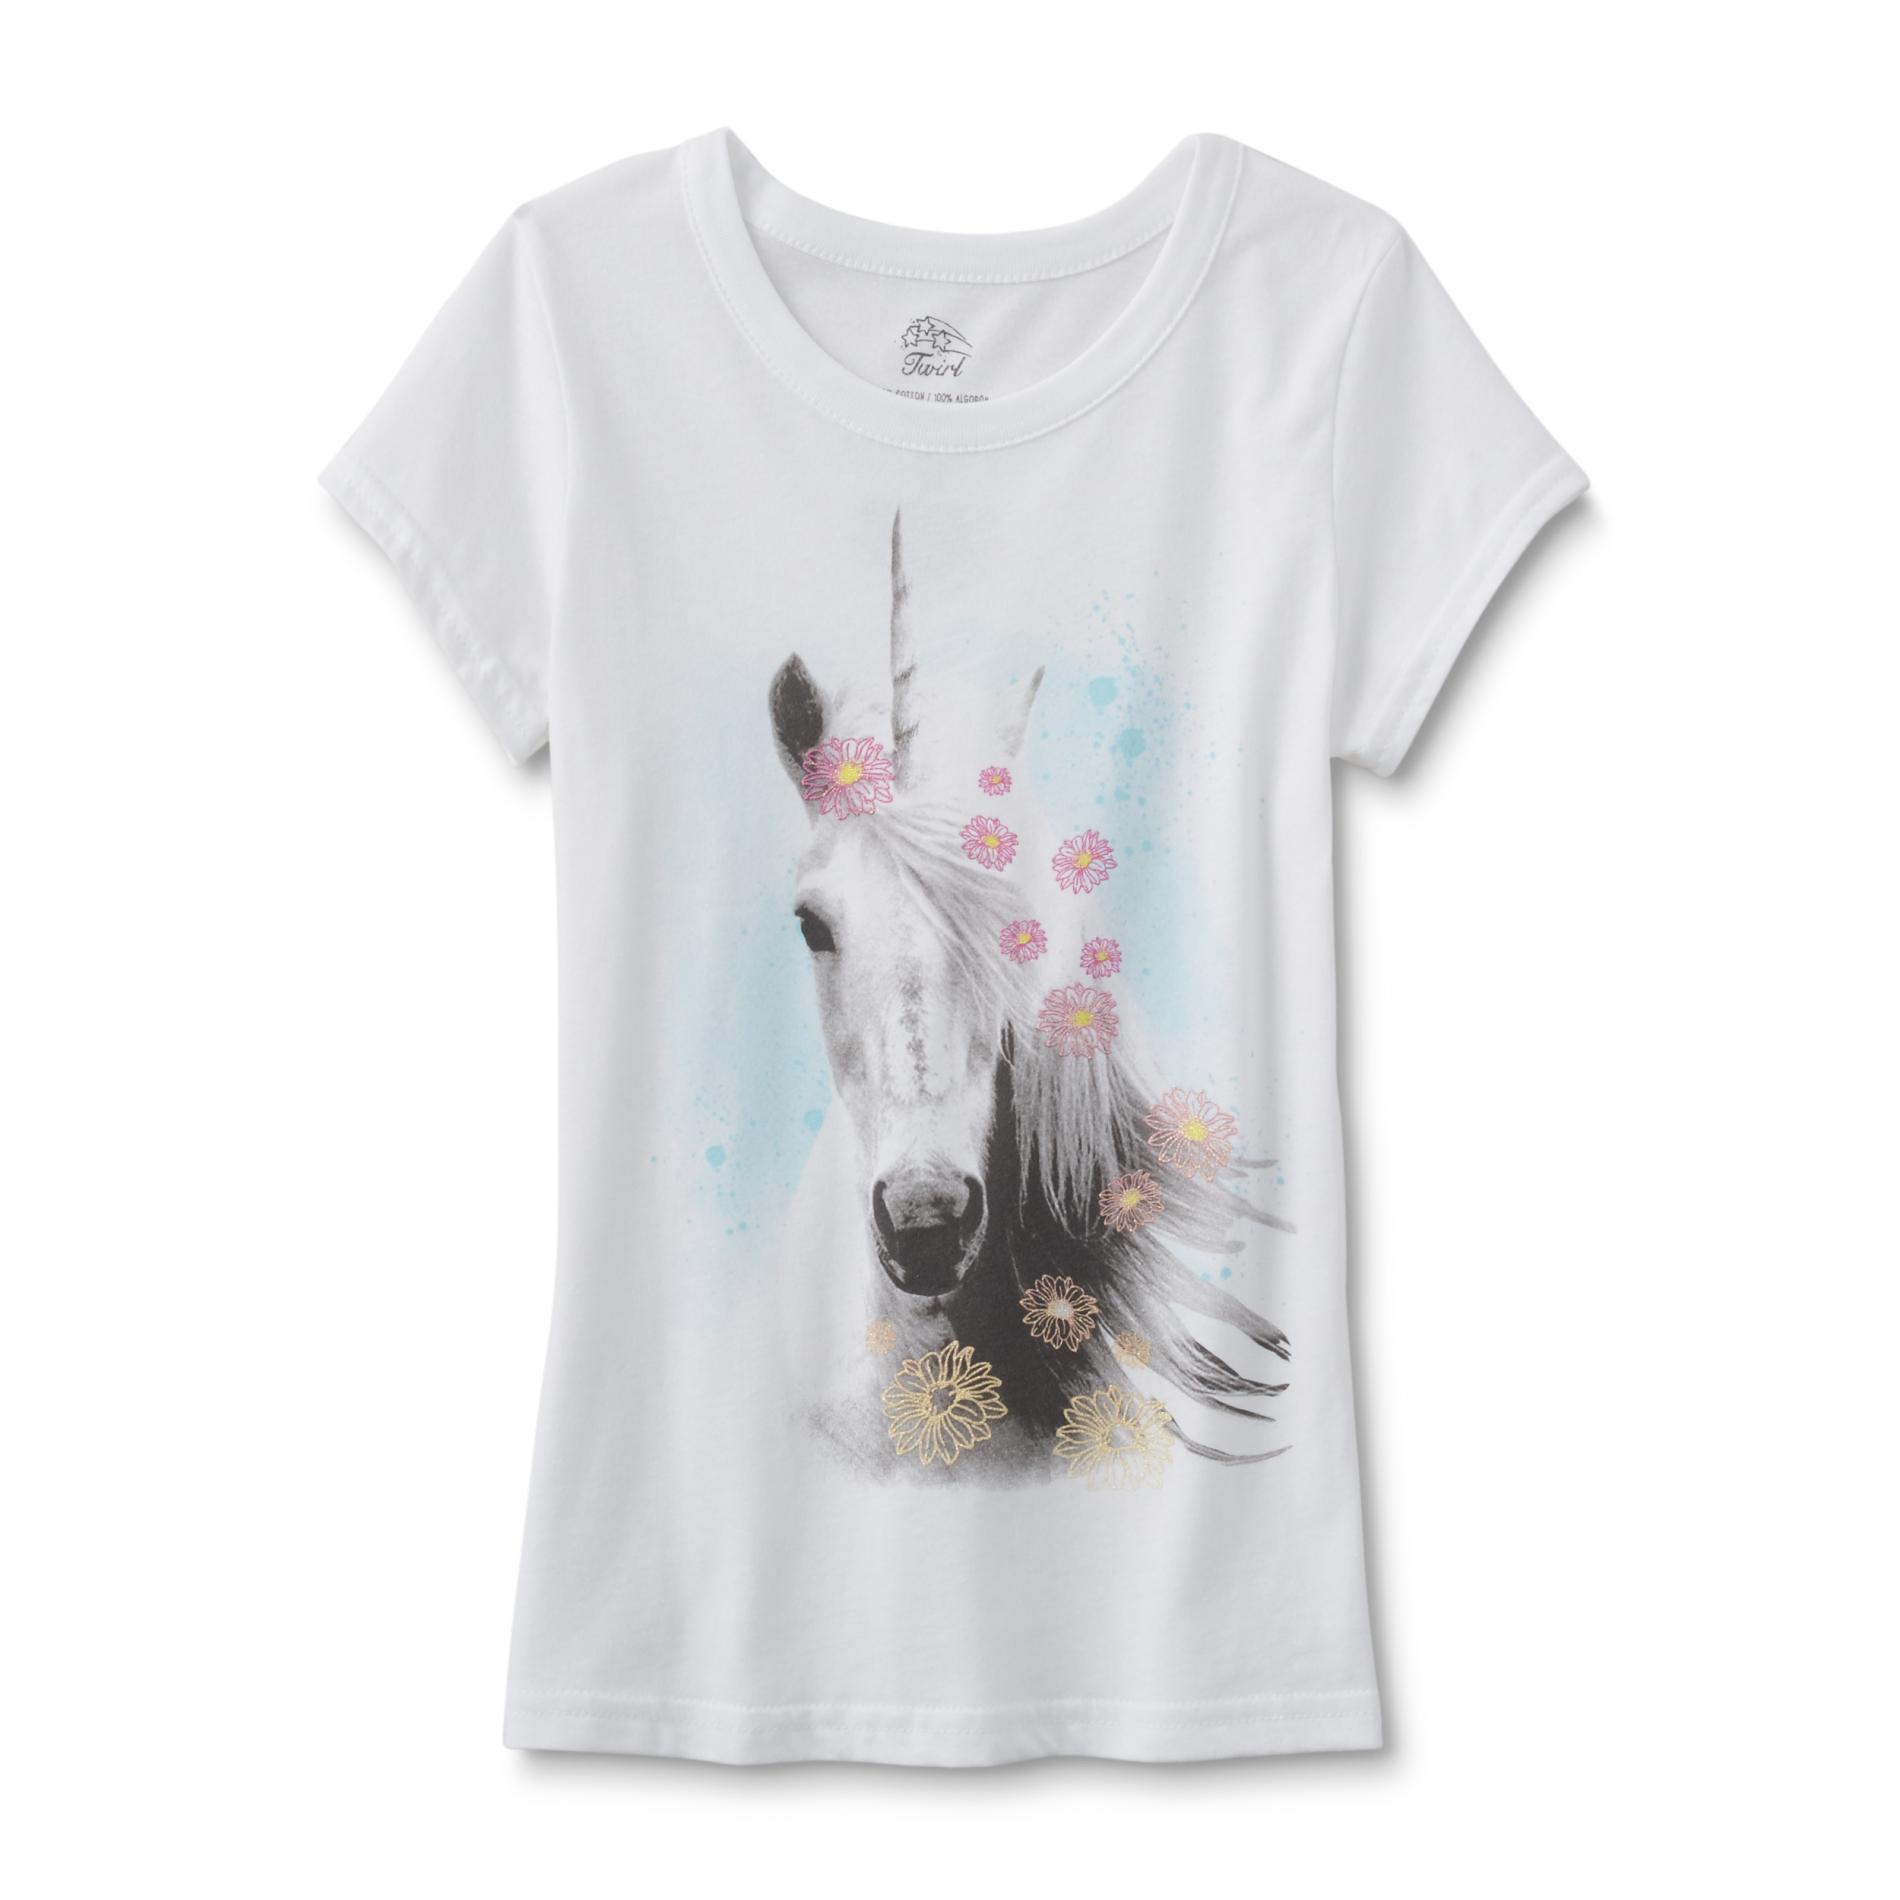 Girls' Graphic T-Shirt - Unicorn